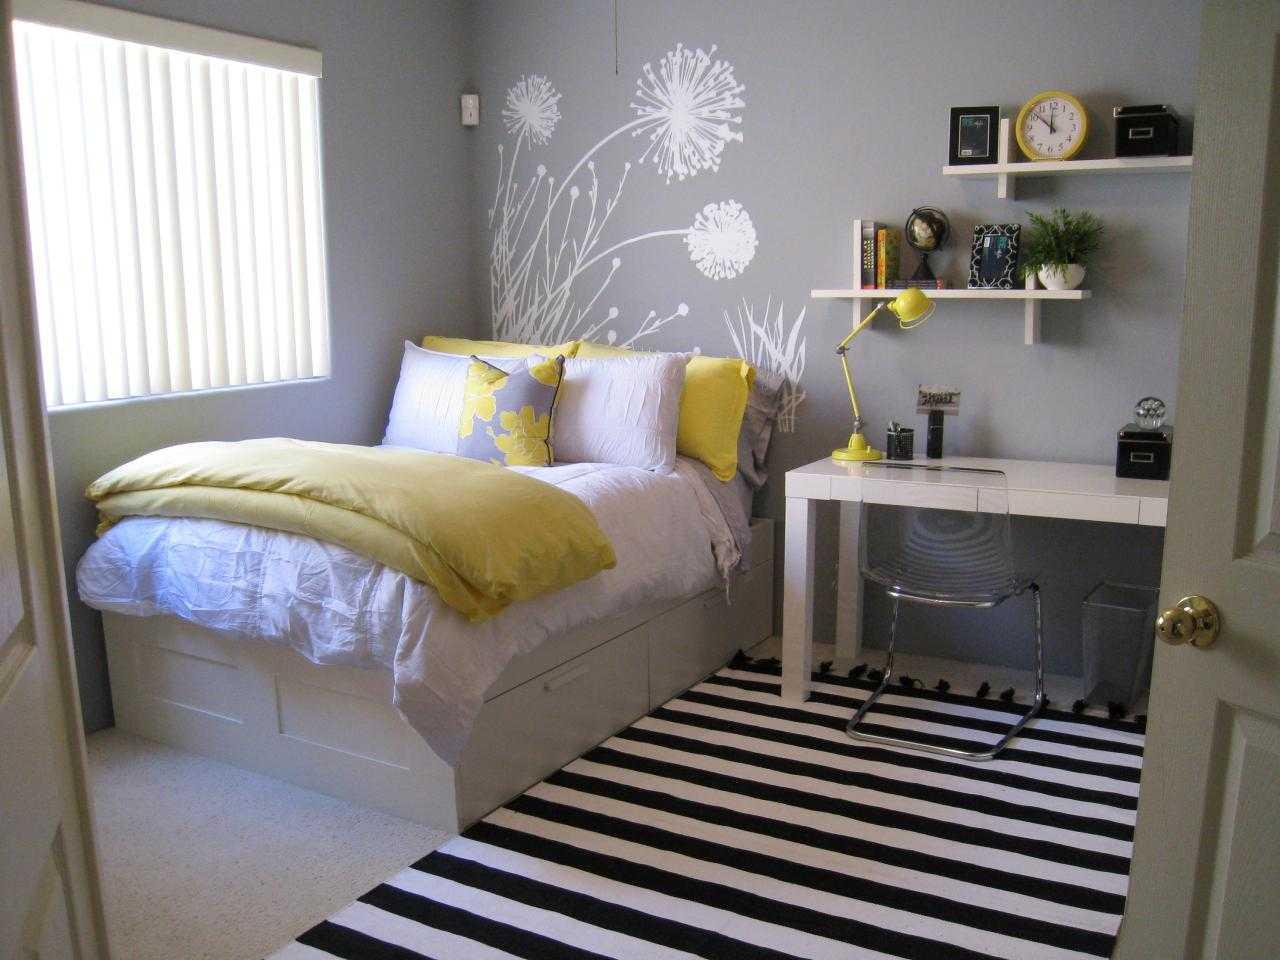 25 dise os que har n inspirarte para decorar tu habitaci n